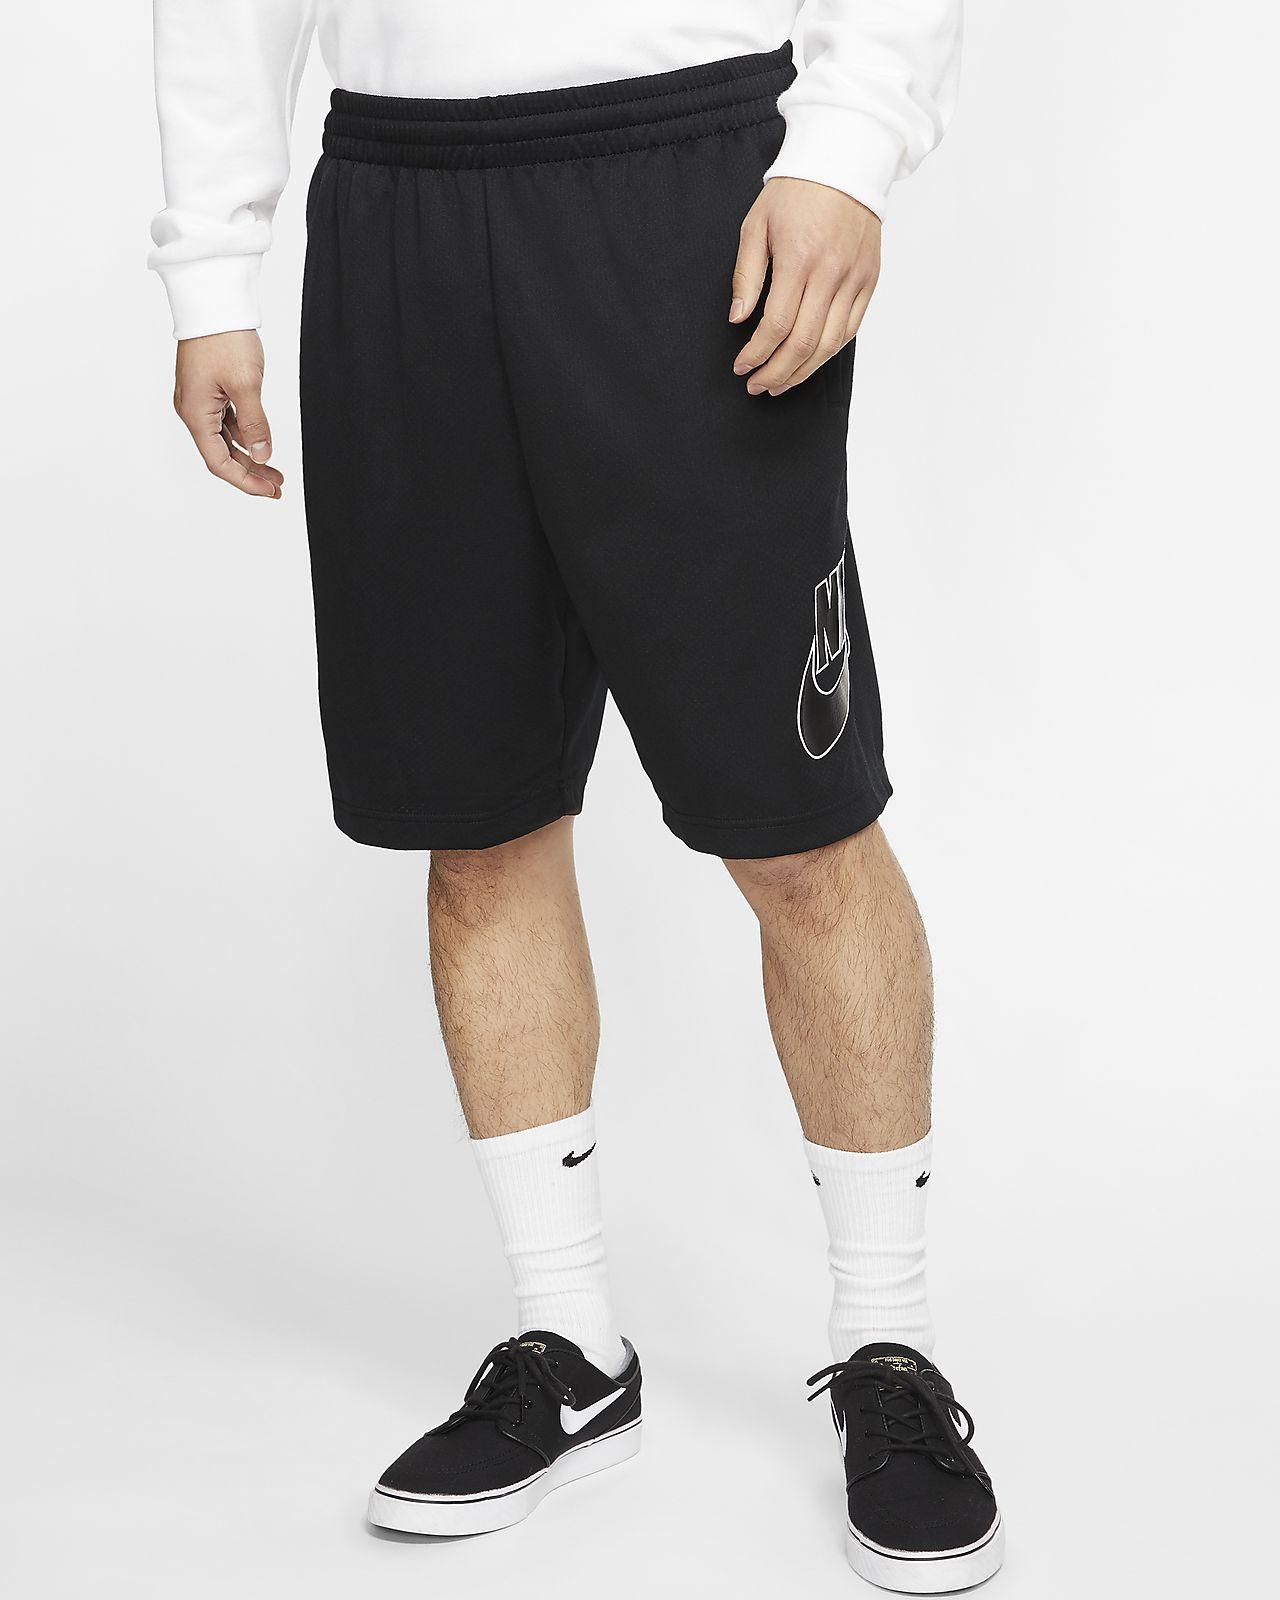 Shorts da skateboard con grafica Nike SB Sunday - Uomo